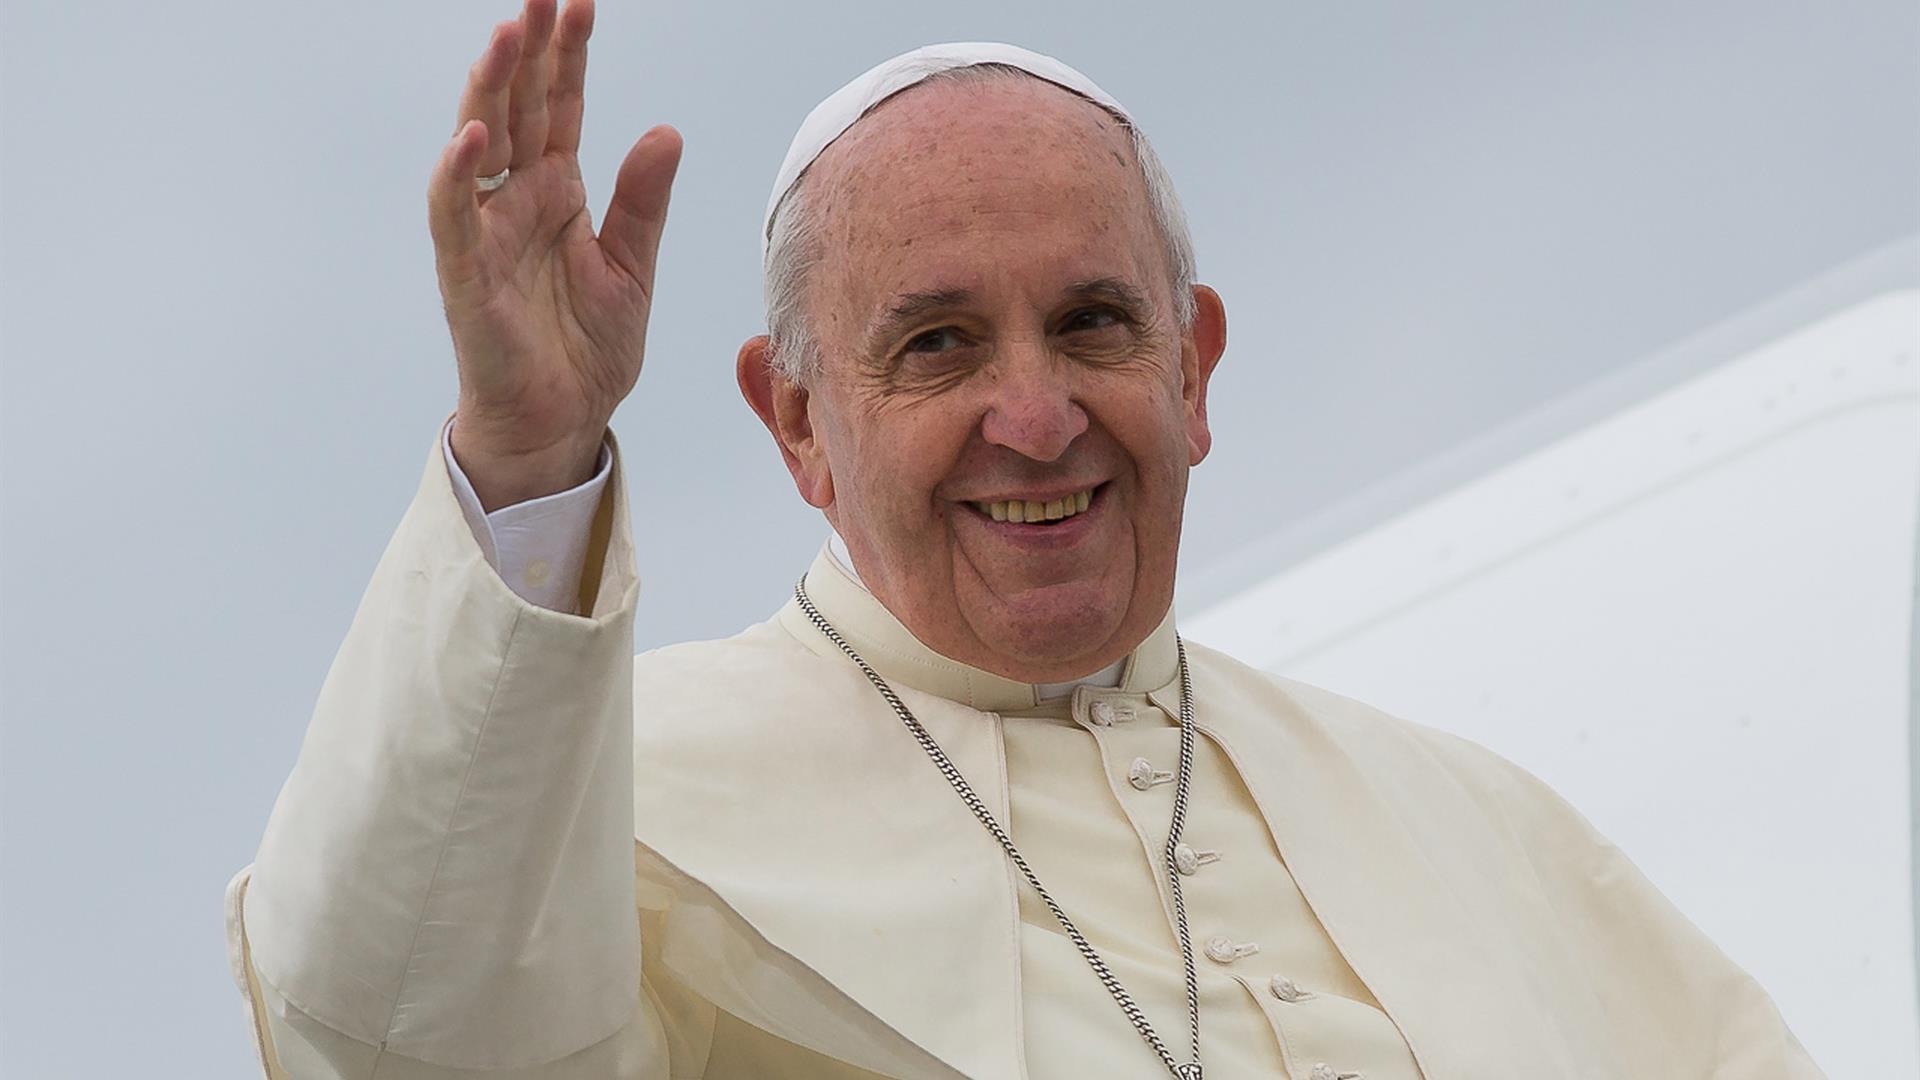 Papa-Francesco-volerà-a-Malta-e-Gozo-in-visita-apostolica-il-prossimo-31-maggio